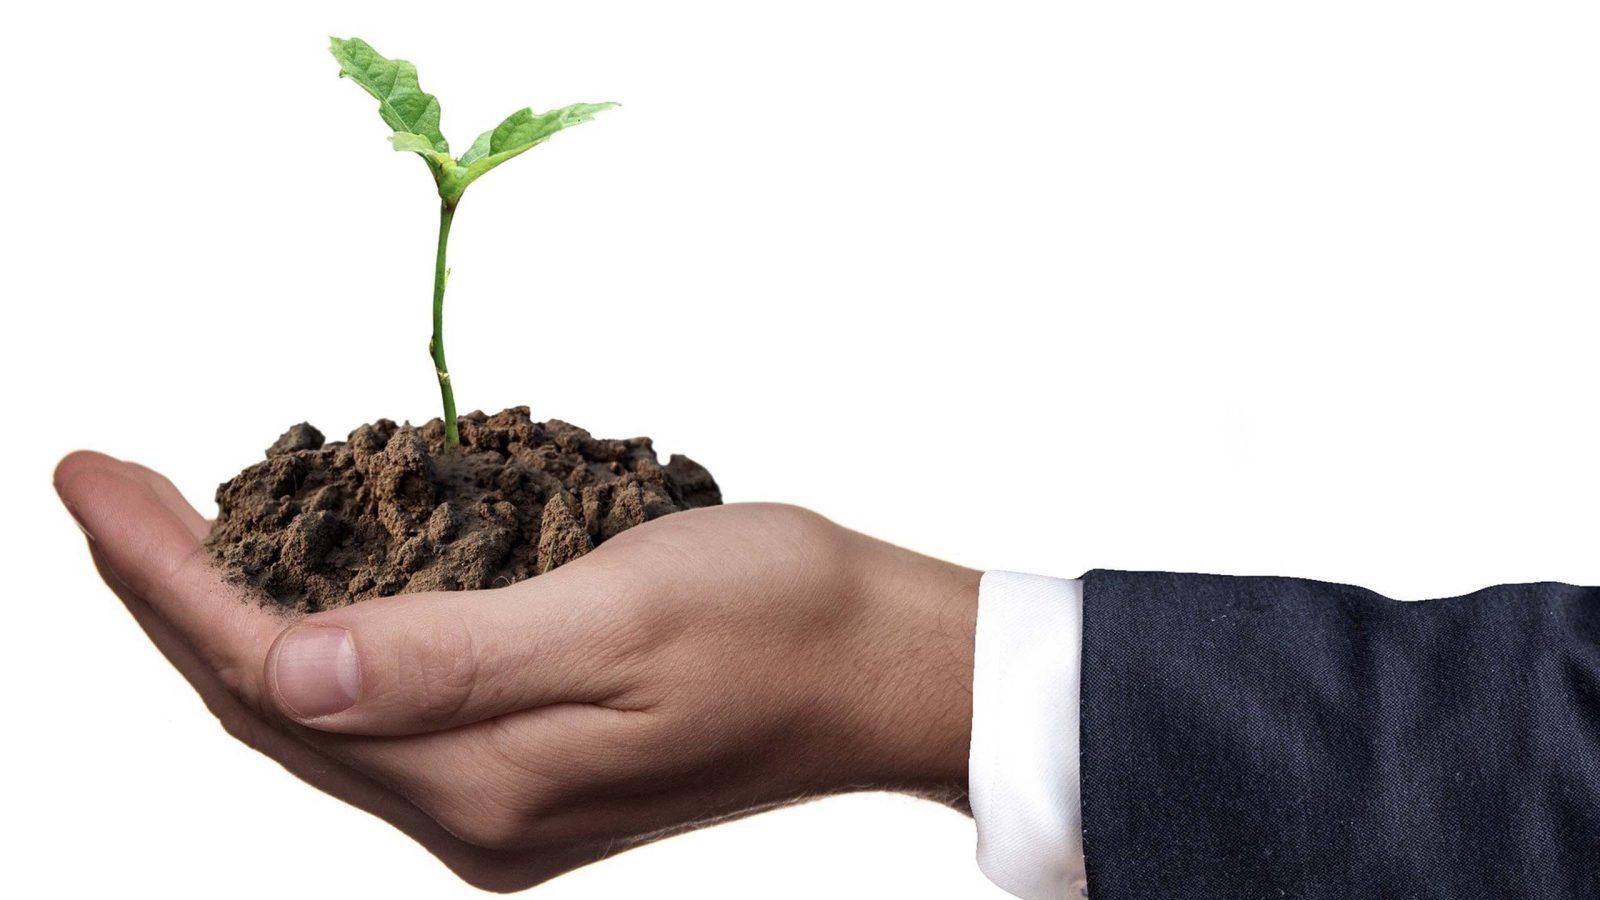 Männliche Hand die sinnbildlich einen Steckling in Erde hält um Feedback geben und Potenzial Ihrer Mitarbeiter zum blühen bringen, zu verdeutlichen.